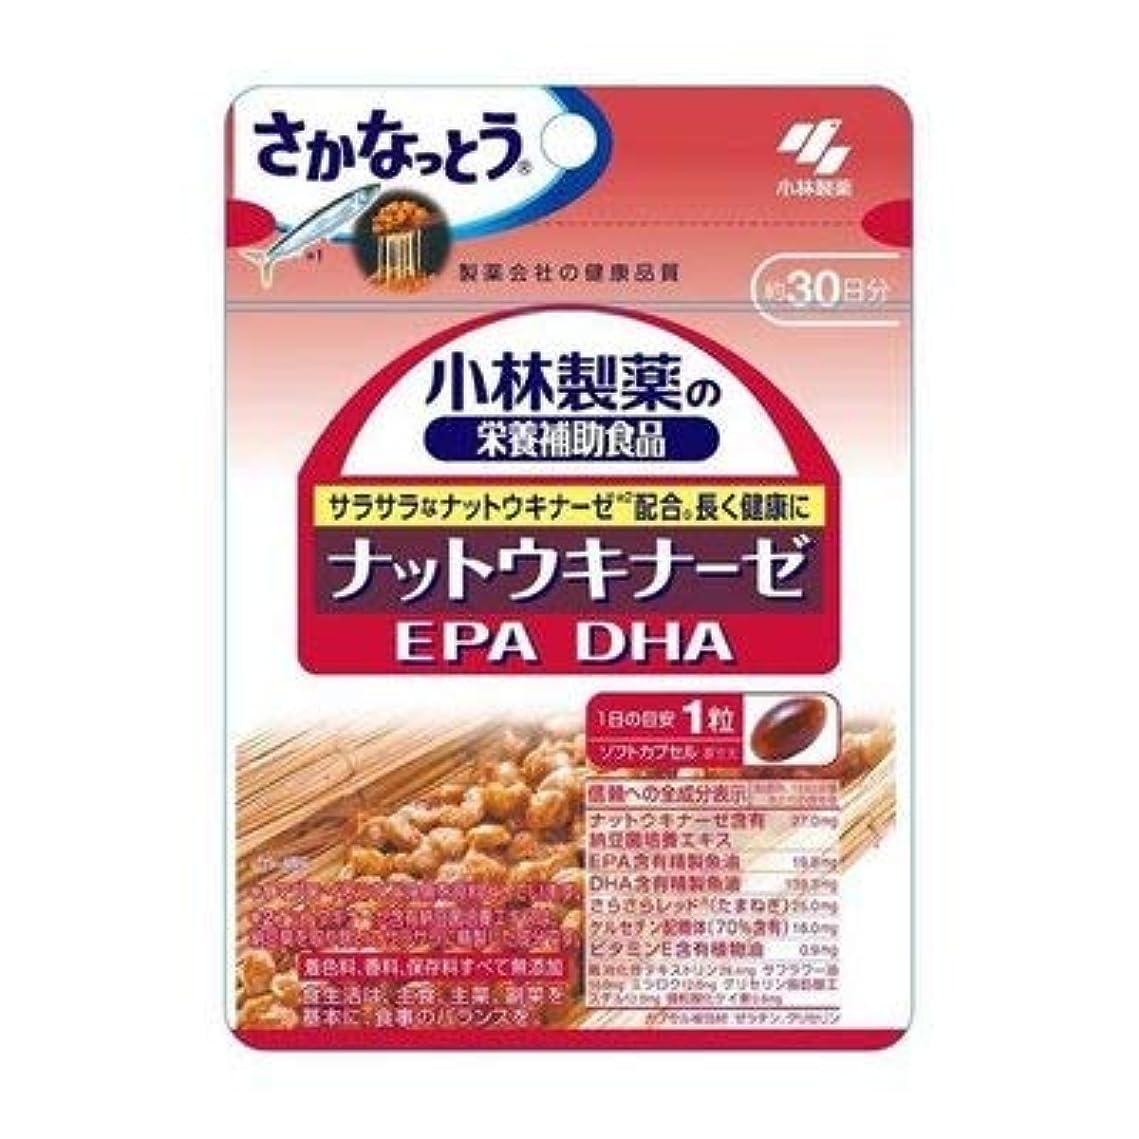 小林製薬の栄養補助食品 ナットウキナーゼ?DHA?EPA 30粒(約30日分) 4セット